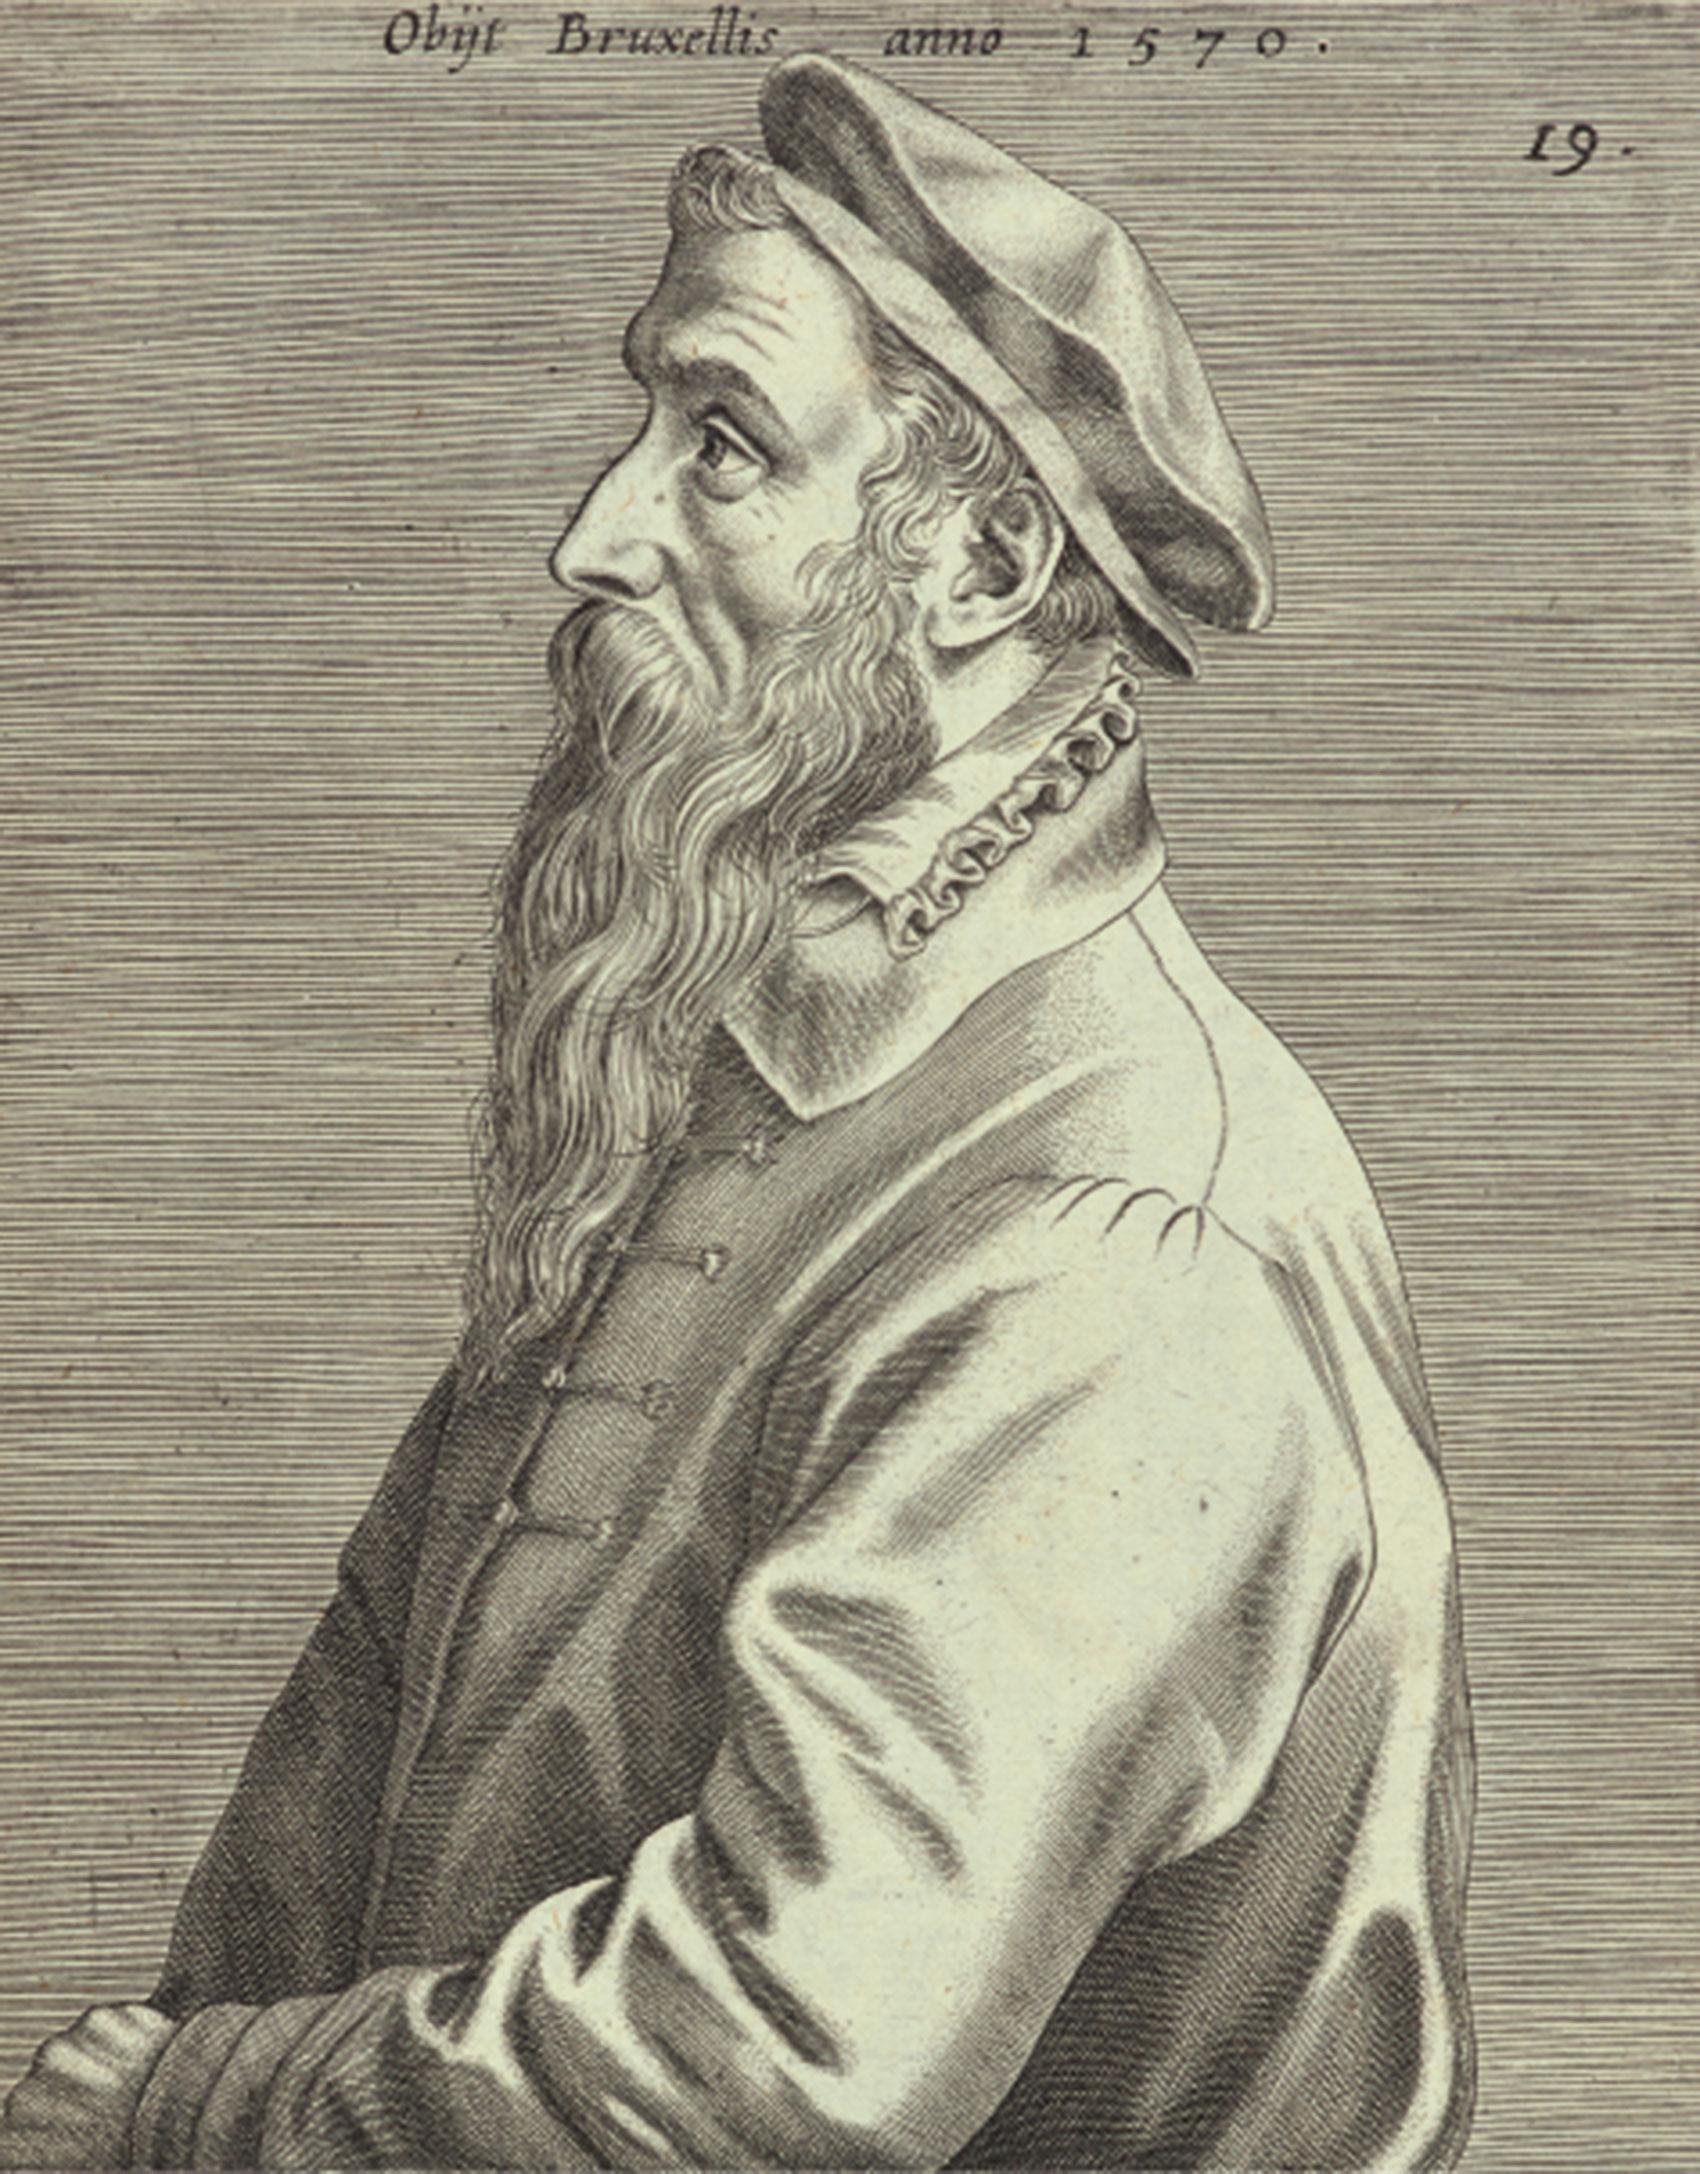 ヨハネス・ウィーリクス(版刻)「ピーテル・ブリューゲル1世の肖像(部分)」1600年 エングレーヴィング  Museum BVB, Rotterdam, the Netherlands